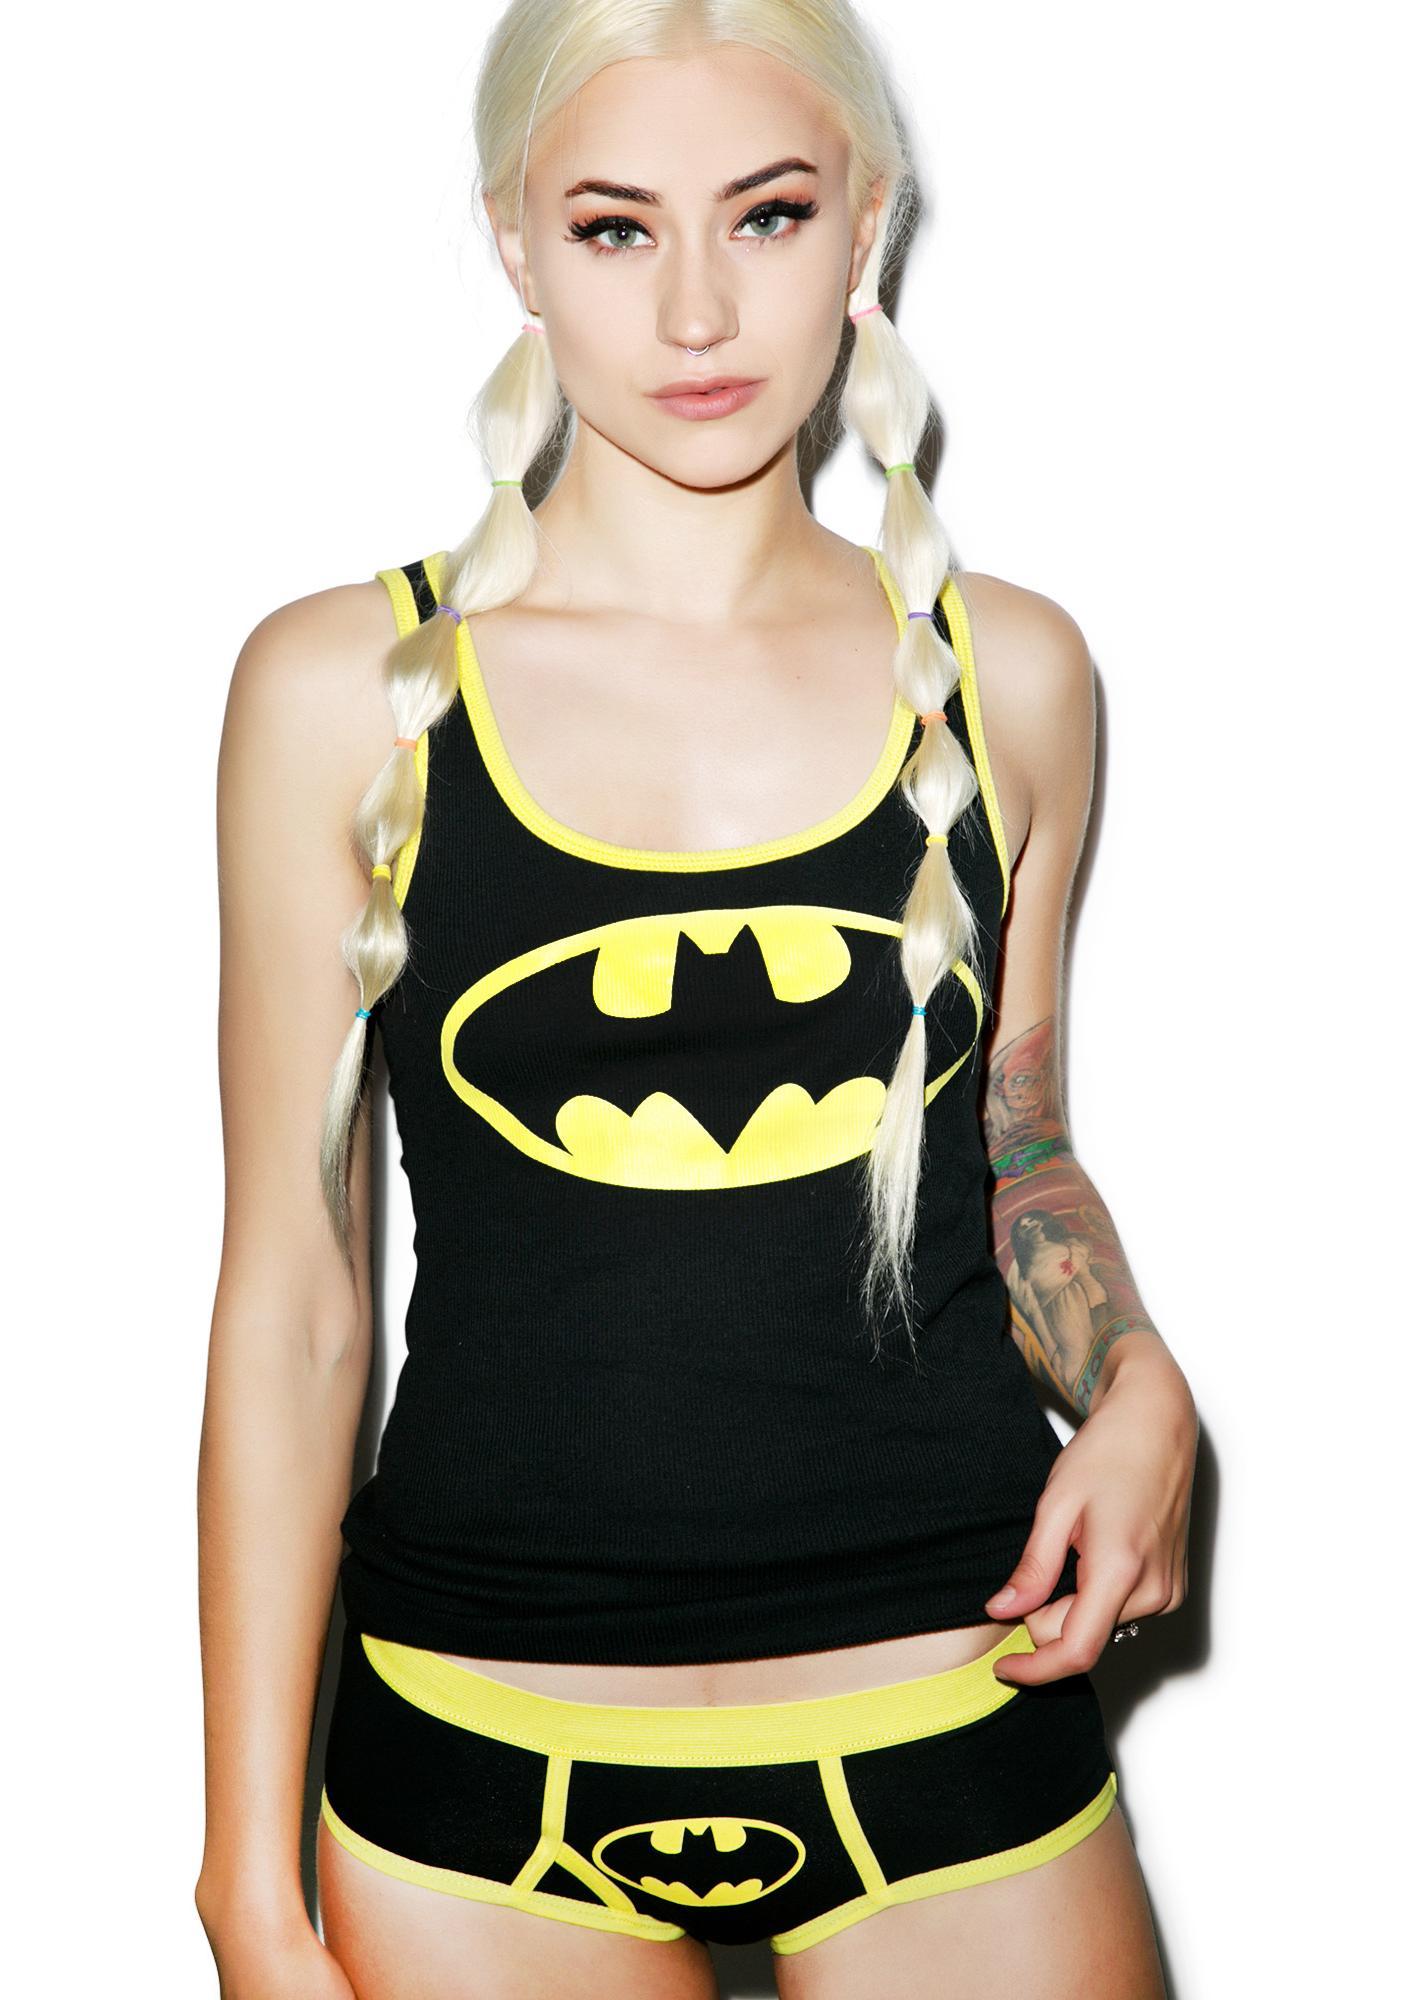 Undergirl Batman Boy Short Set